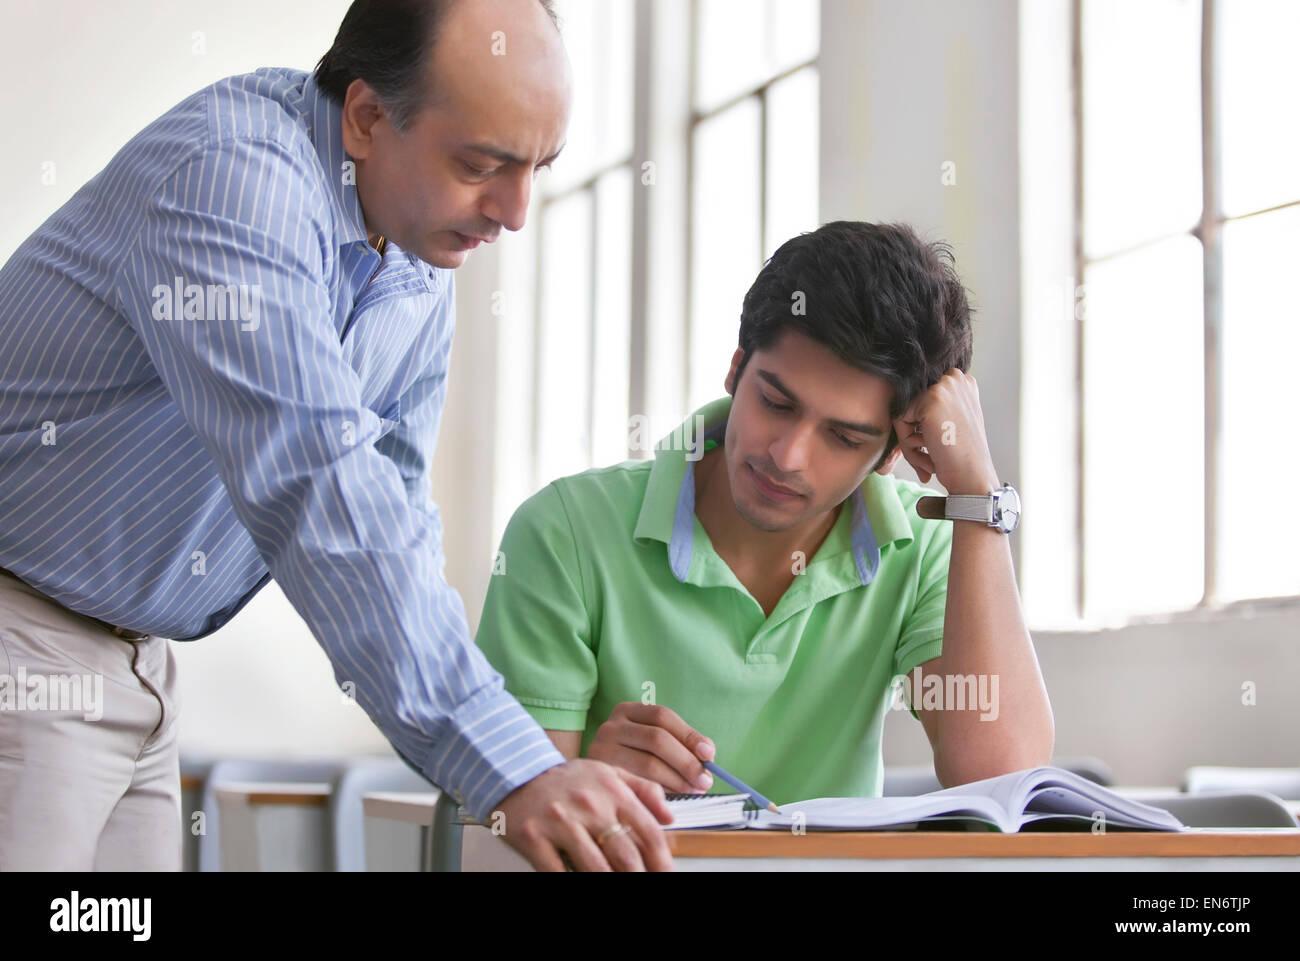 Insegnante assistenza degli studenti in aula Immagini Stock